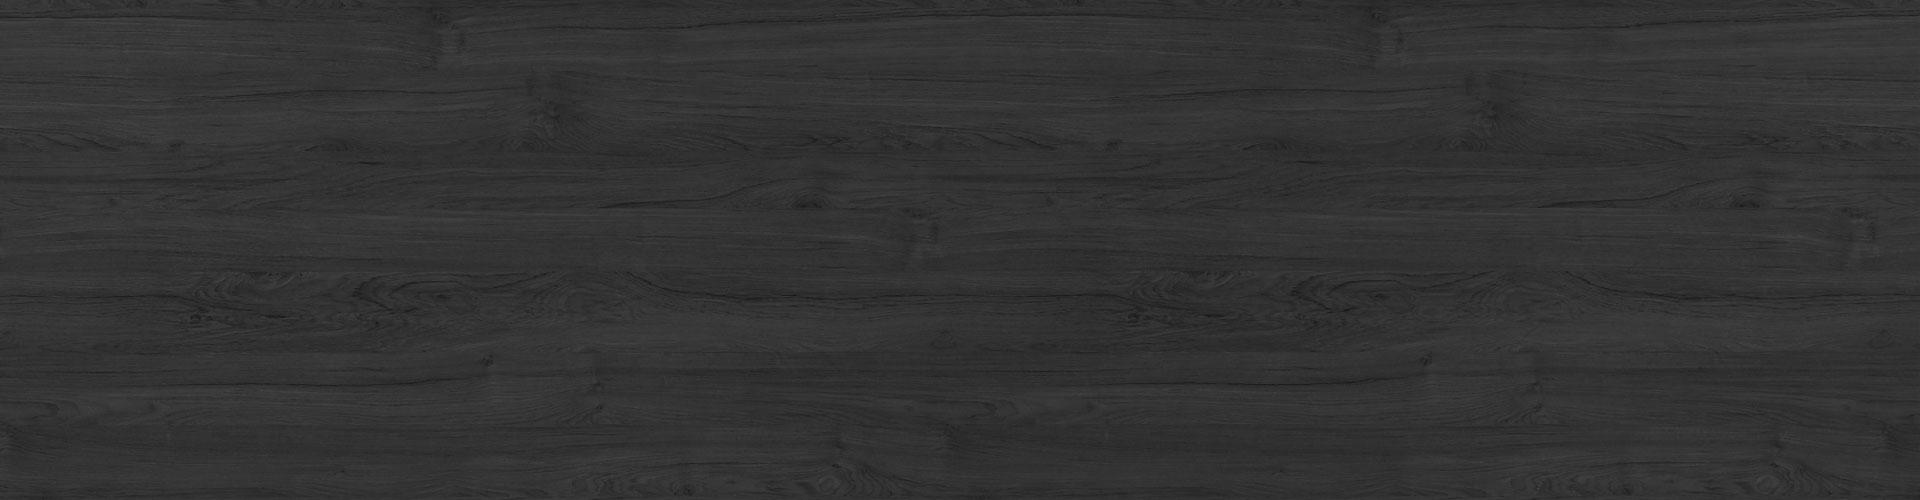 Dark Woodgrain background